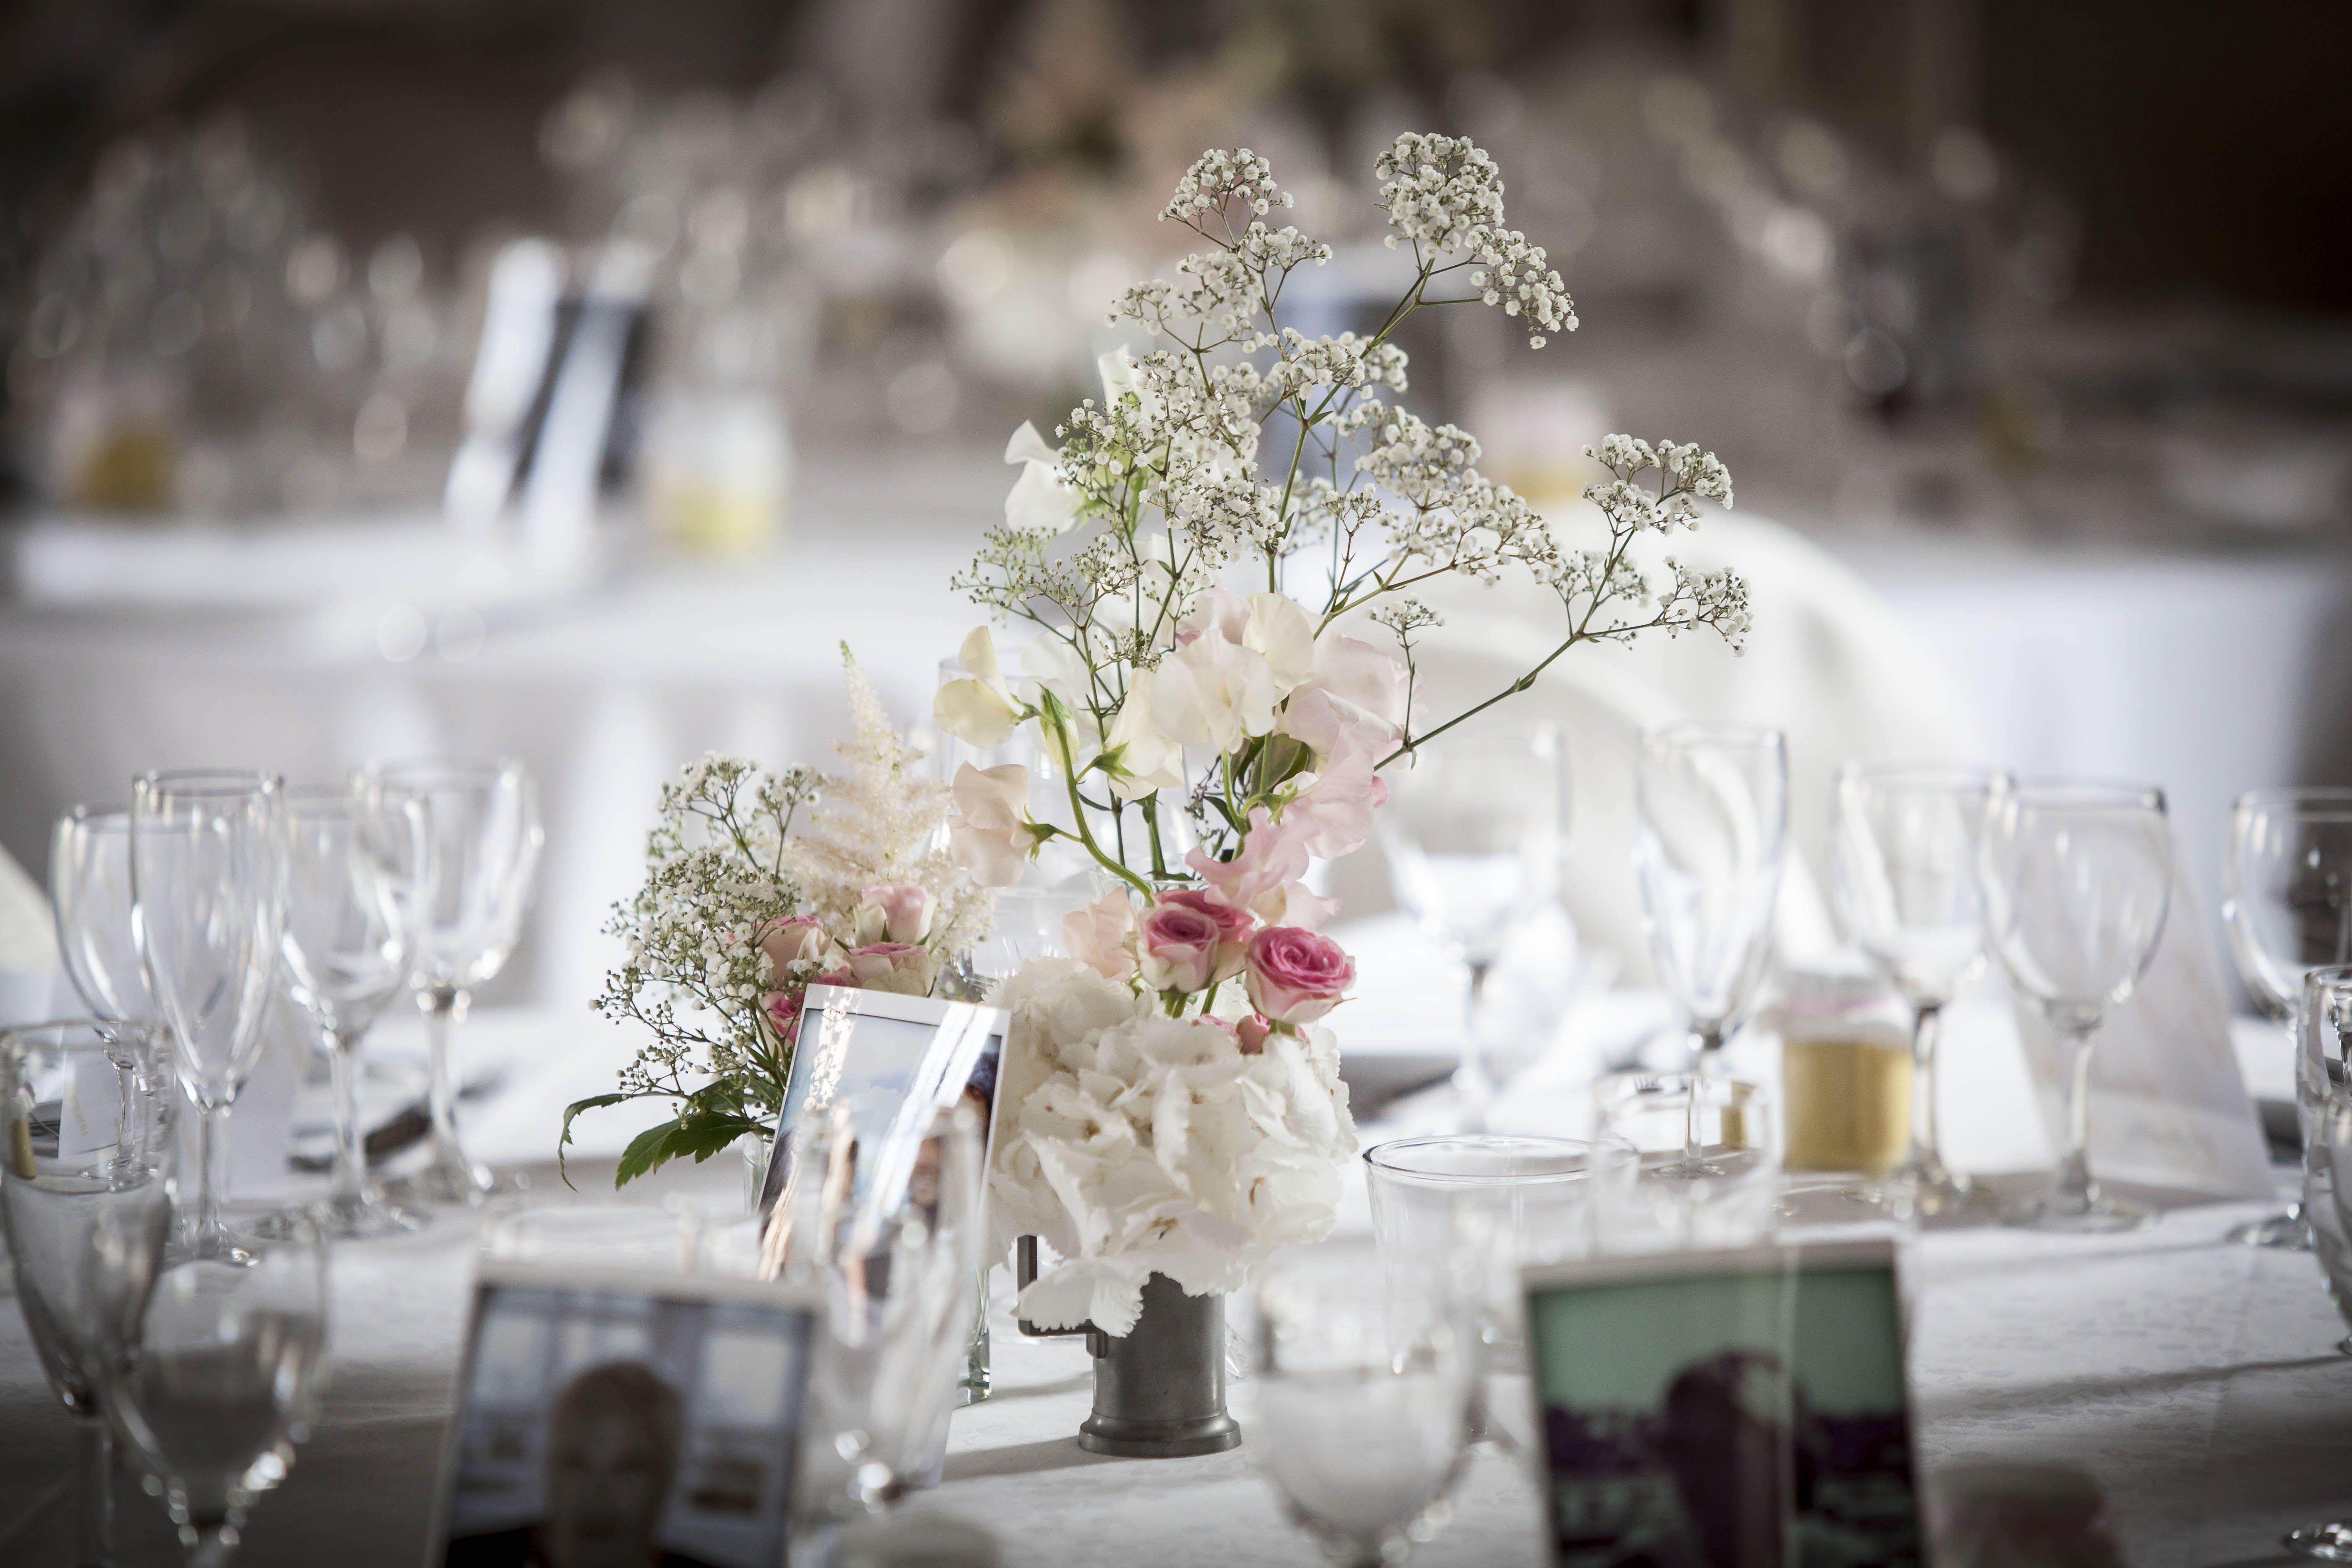 Mariage - Centres de table / wedding - centerpiece  / www.boutique-pompon.fr /   fleurs- flowers ©boutiquepompon /  photo - picture ©etiennejeanneret.com